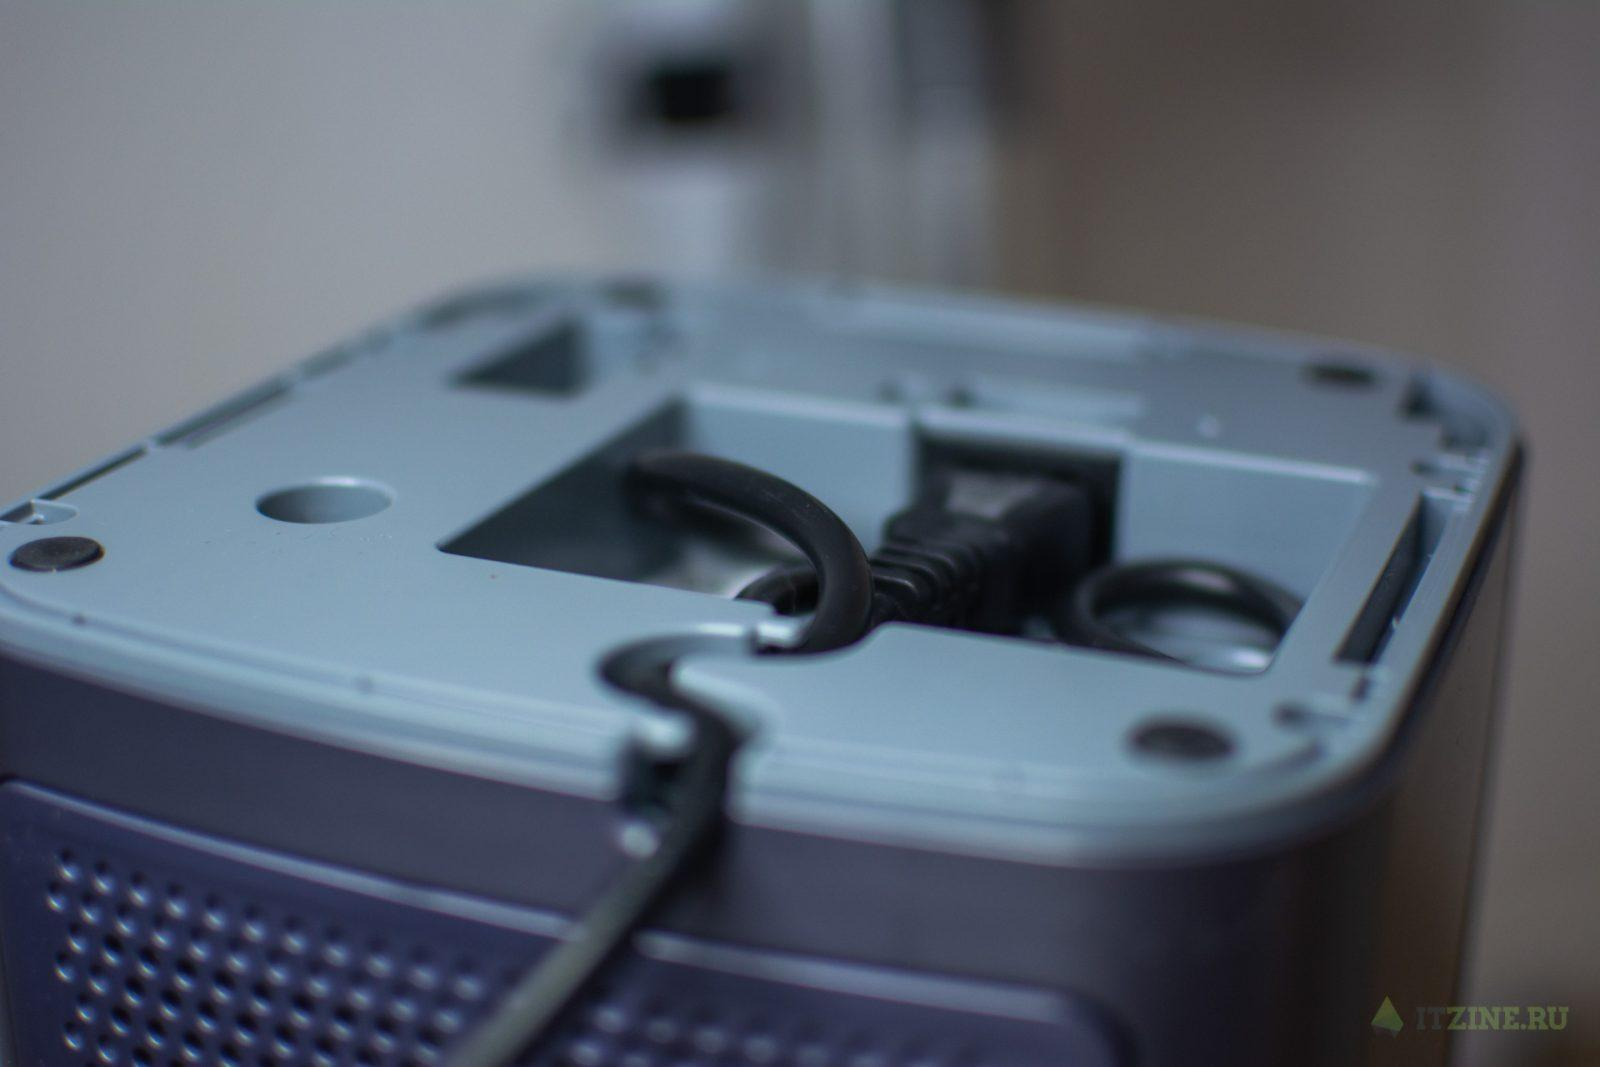 Обзор Samsung Clean Station: сделать квартиру ещё чище (Samsung Clean Station 18)